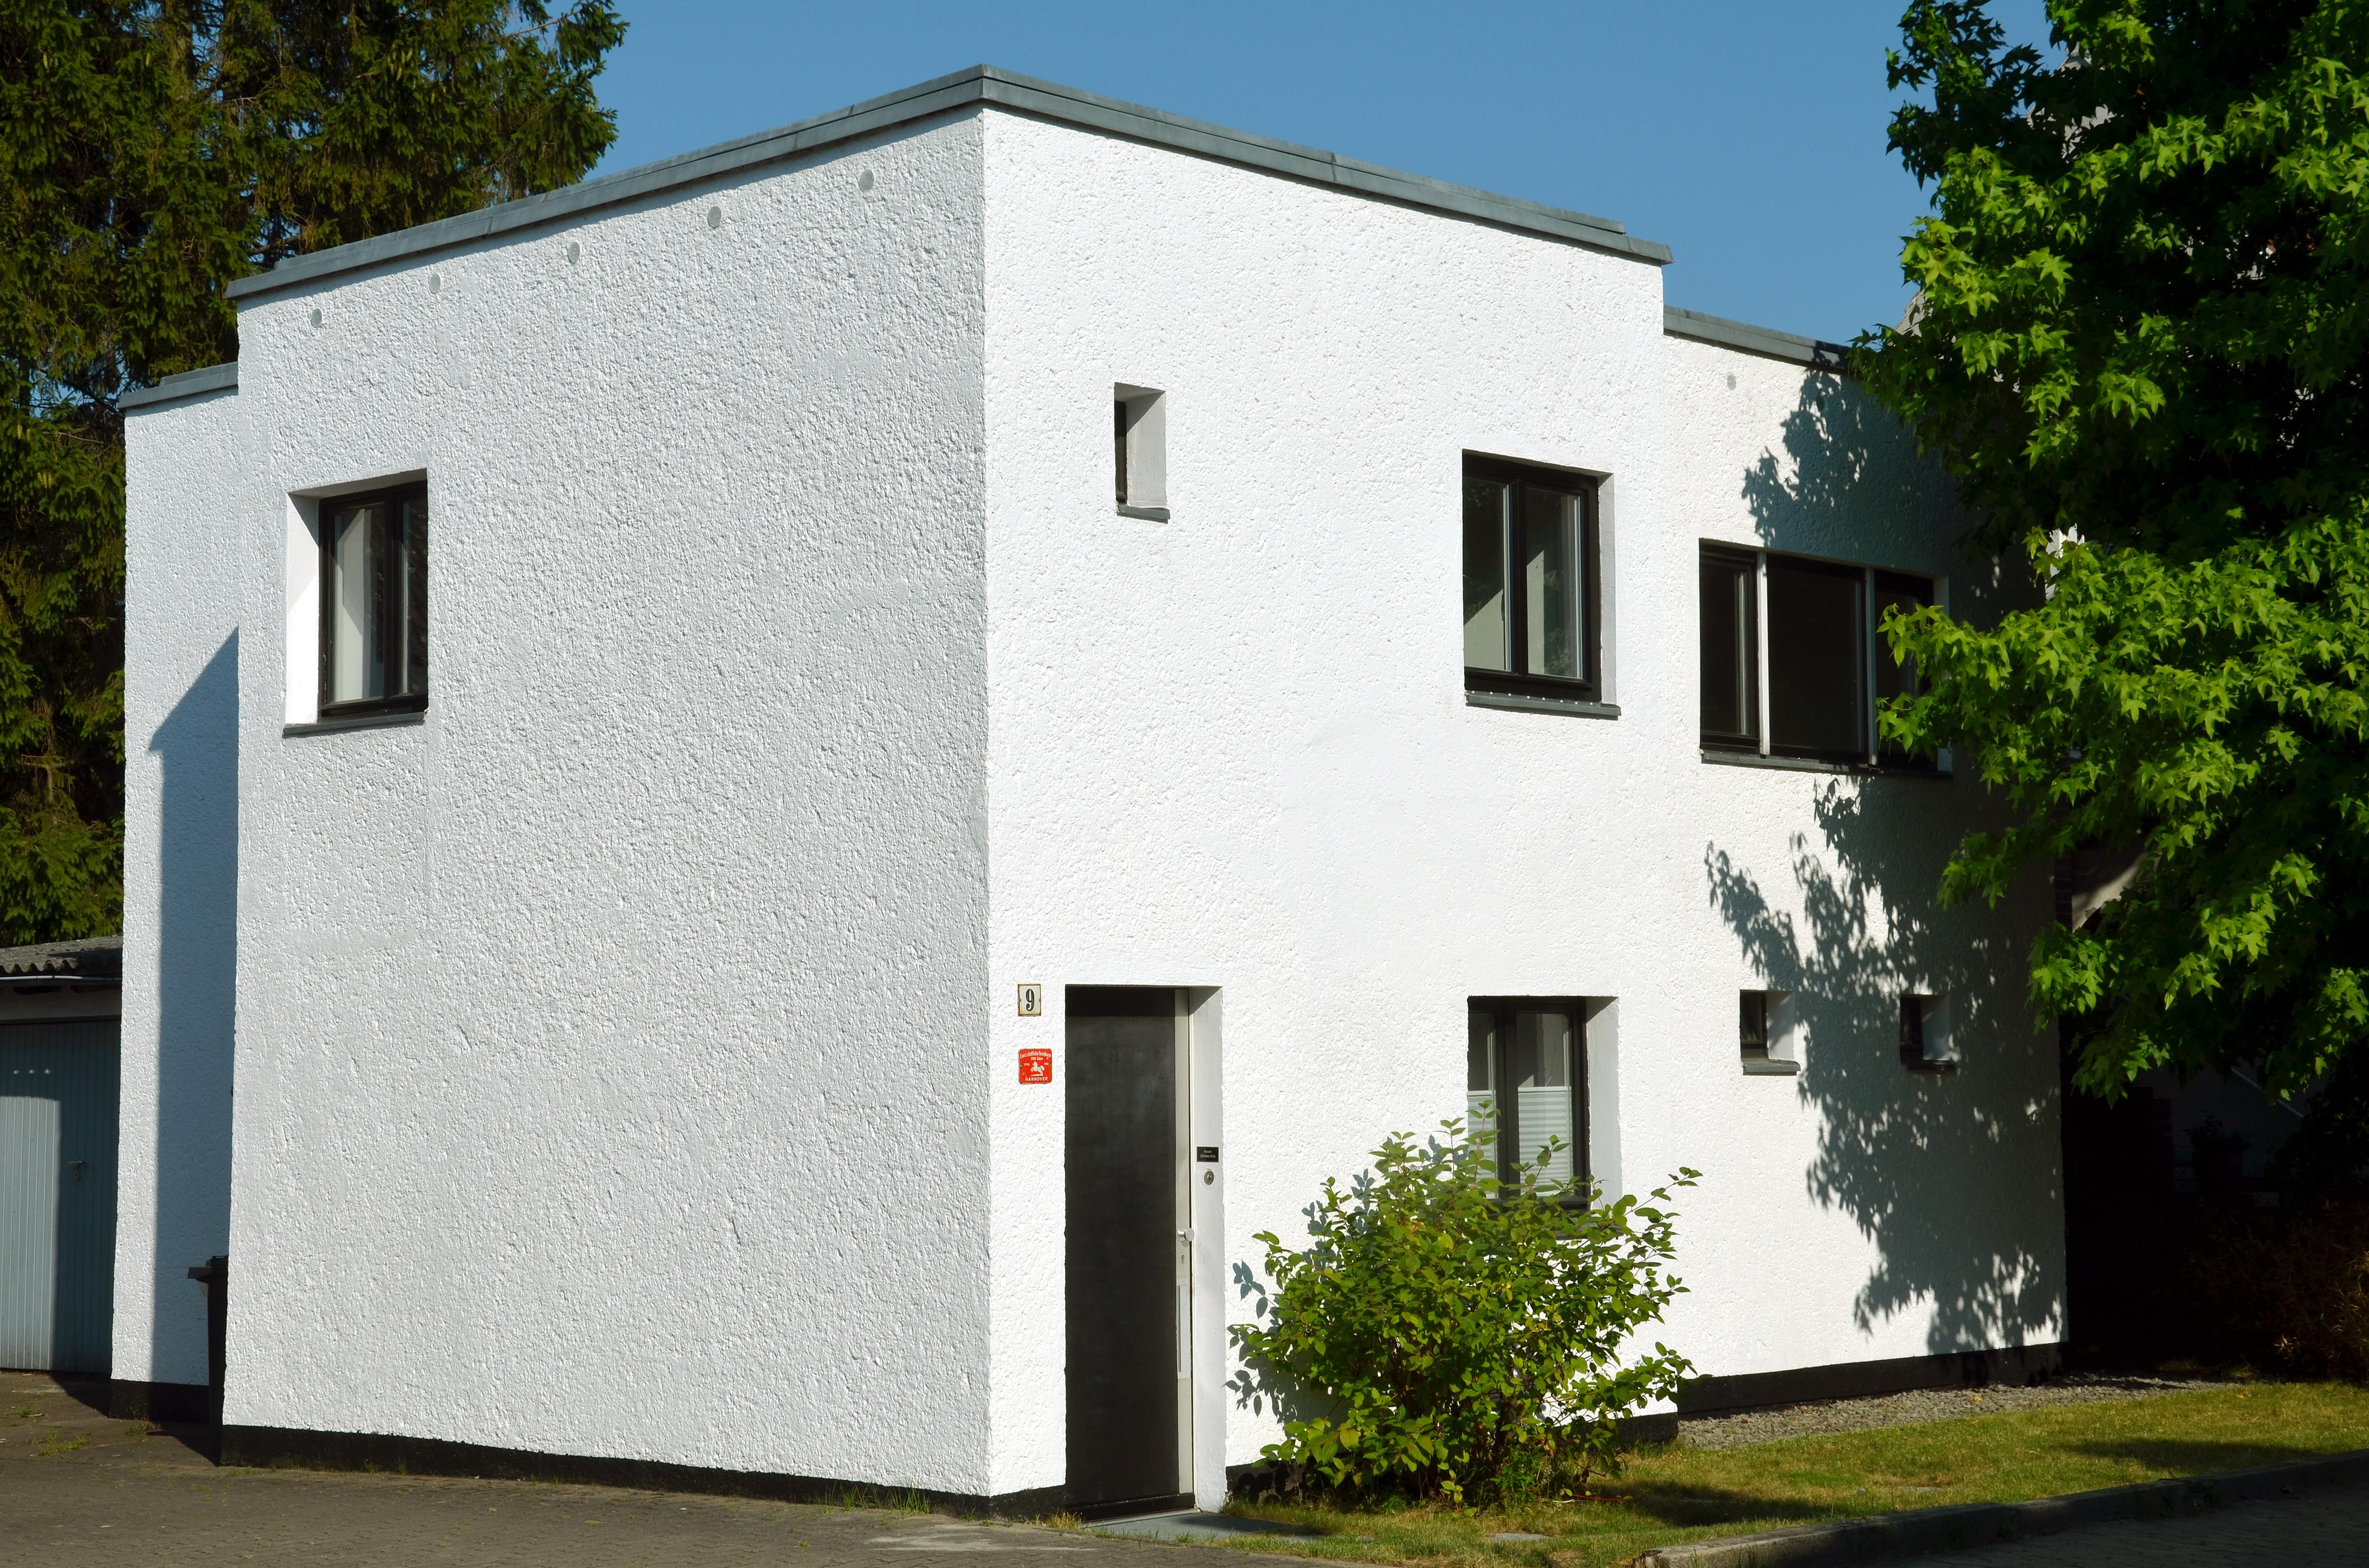 Datei:Kleinertstraße 9, Hannover, Misburg-Nord, Schrägansicht von ...